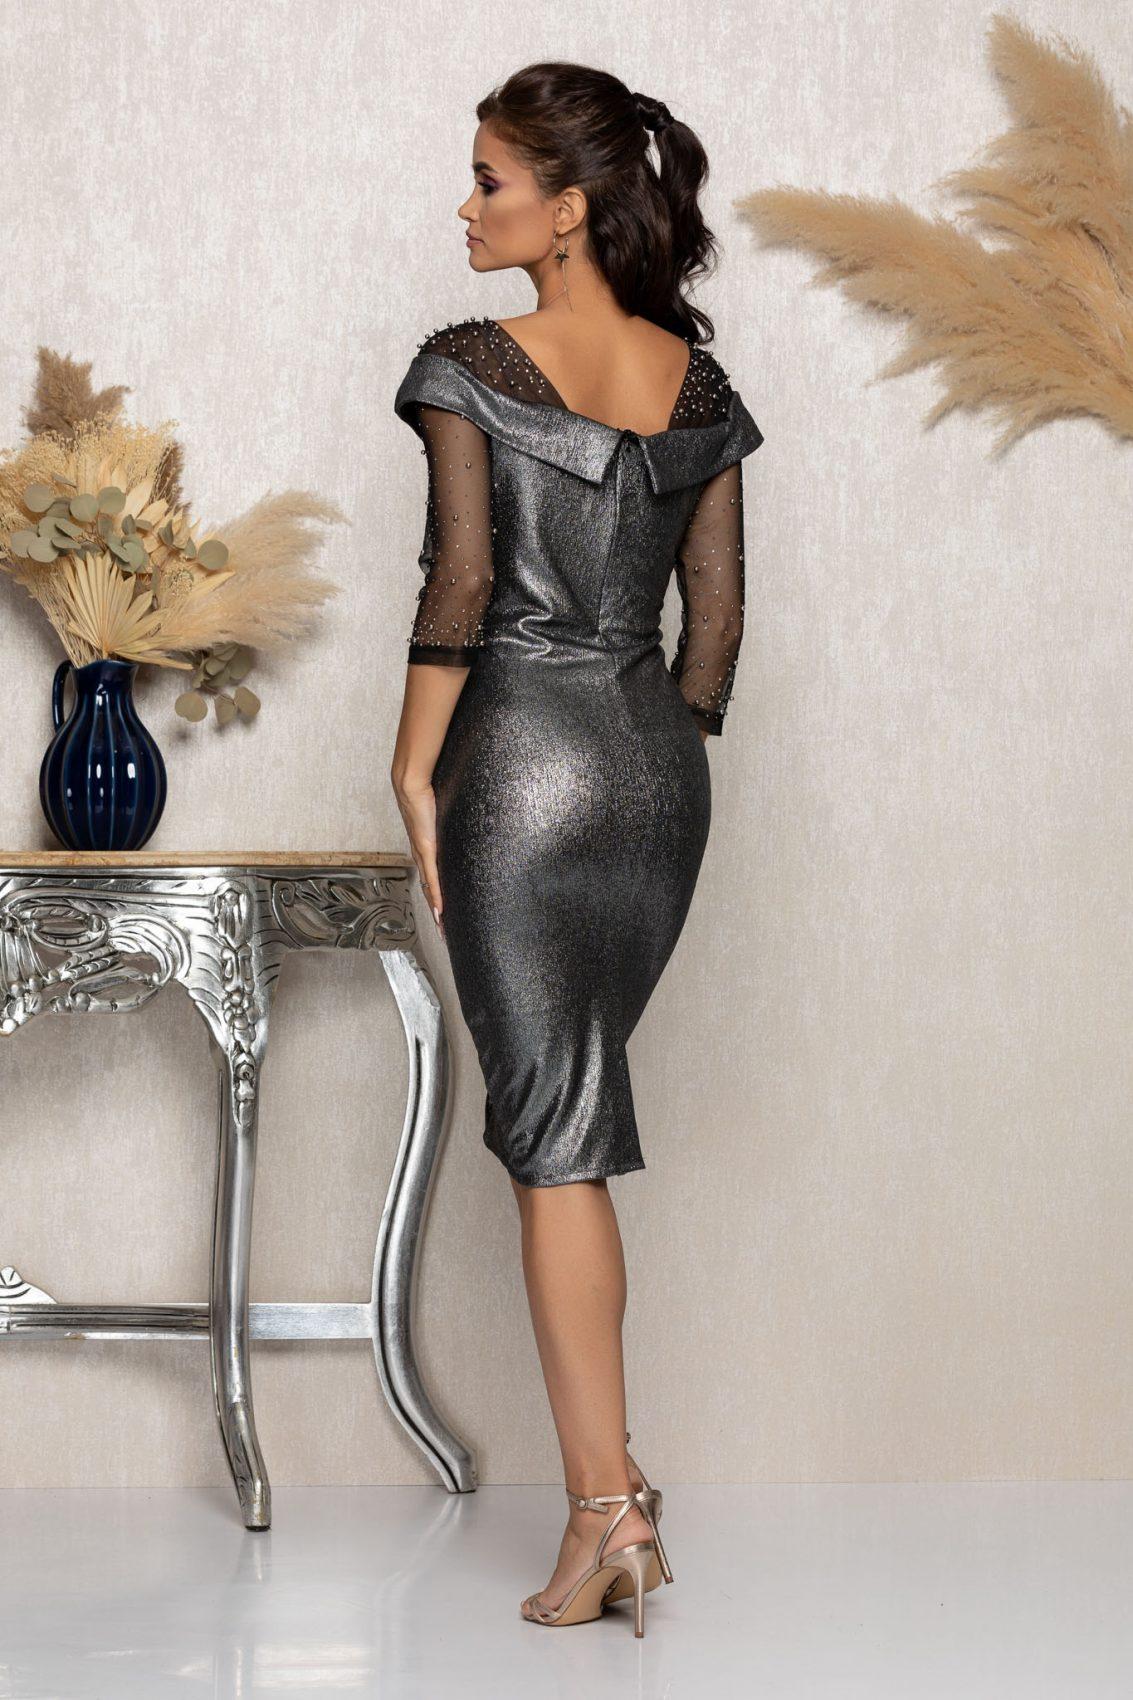 Γκρι Μίντι Βραδινό Φόρεμα Με Πέρλες Maddie A975 2